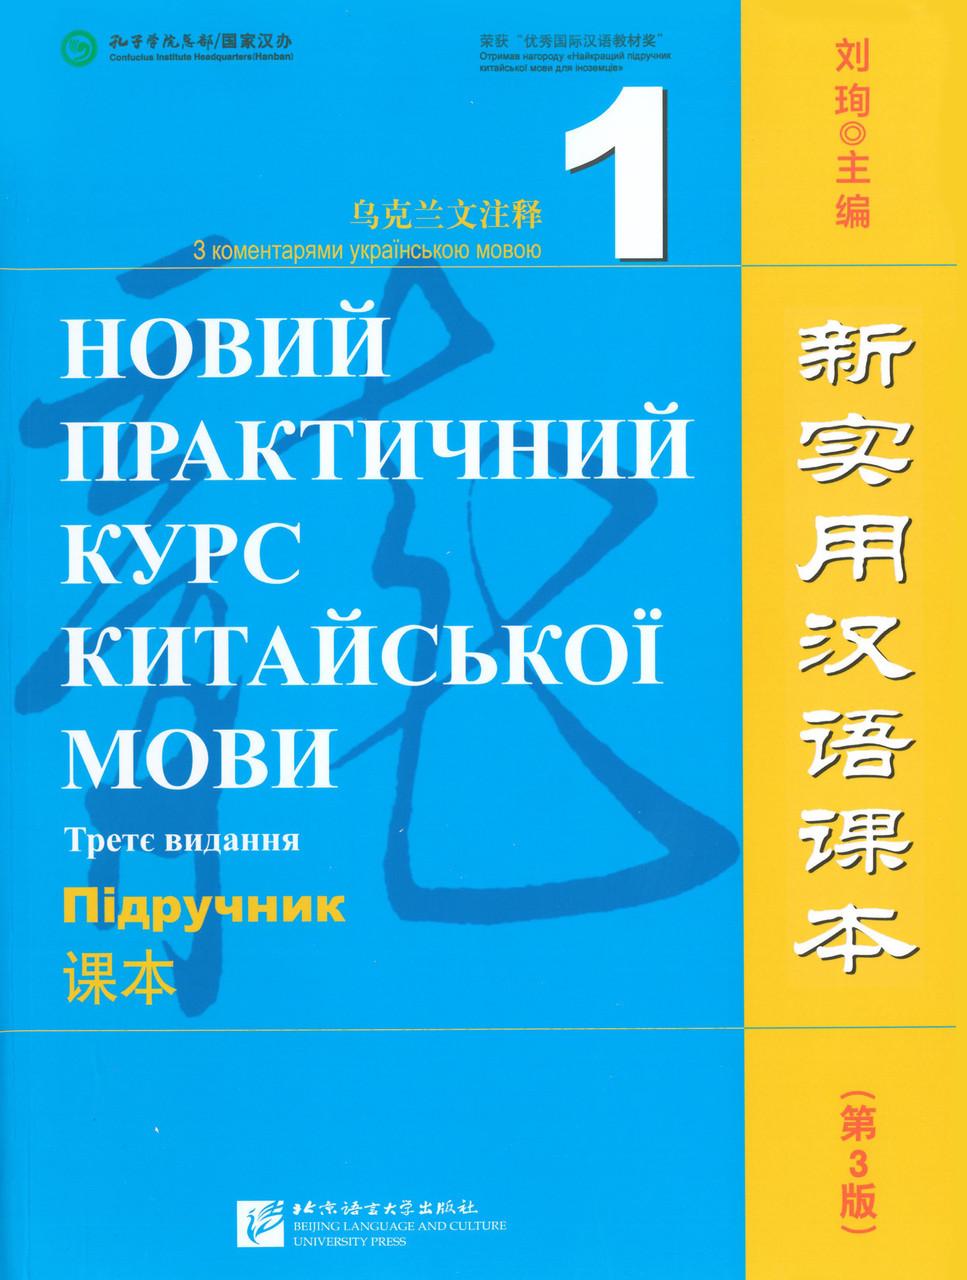 Підручник з китайської мови для дорослих Новий практичний курс китайської мови 1 Чорно-білий